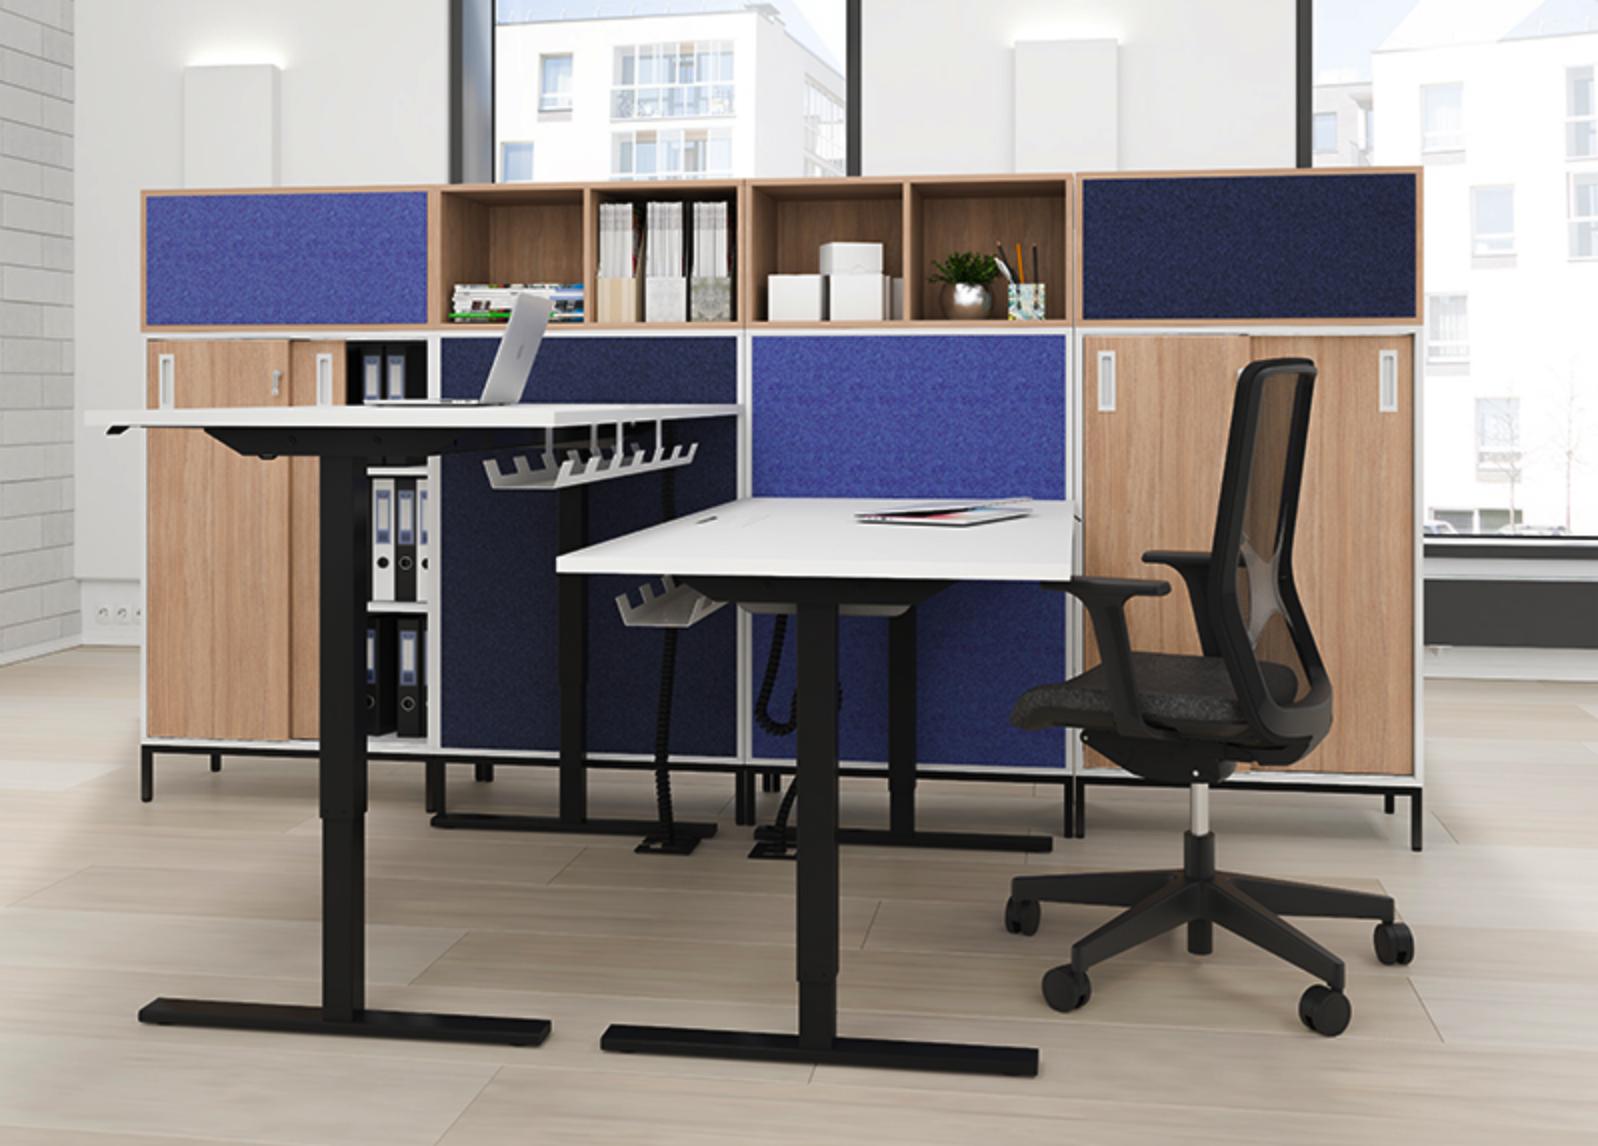 Easy-työpöydät, Wind-työtuoli ja Choice-säilytyskaluste